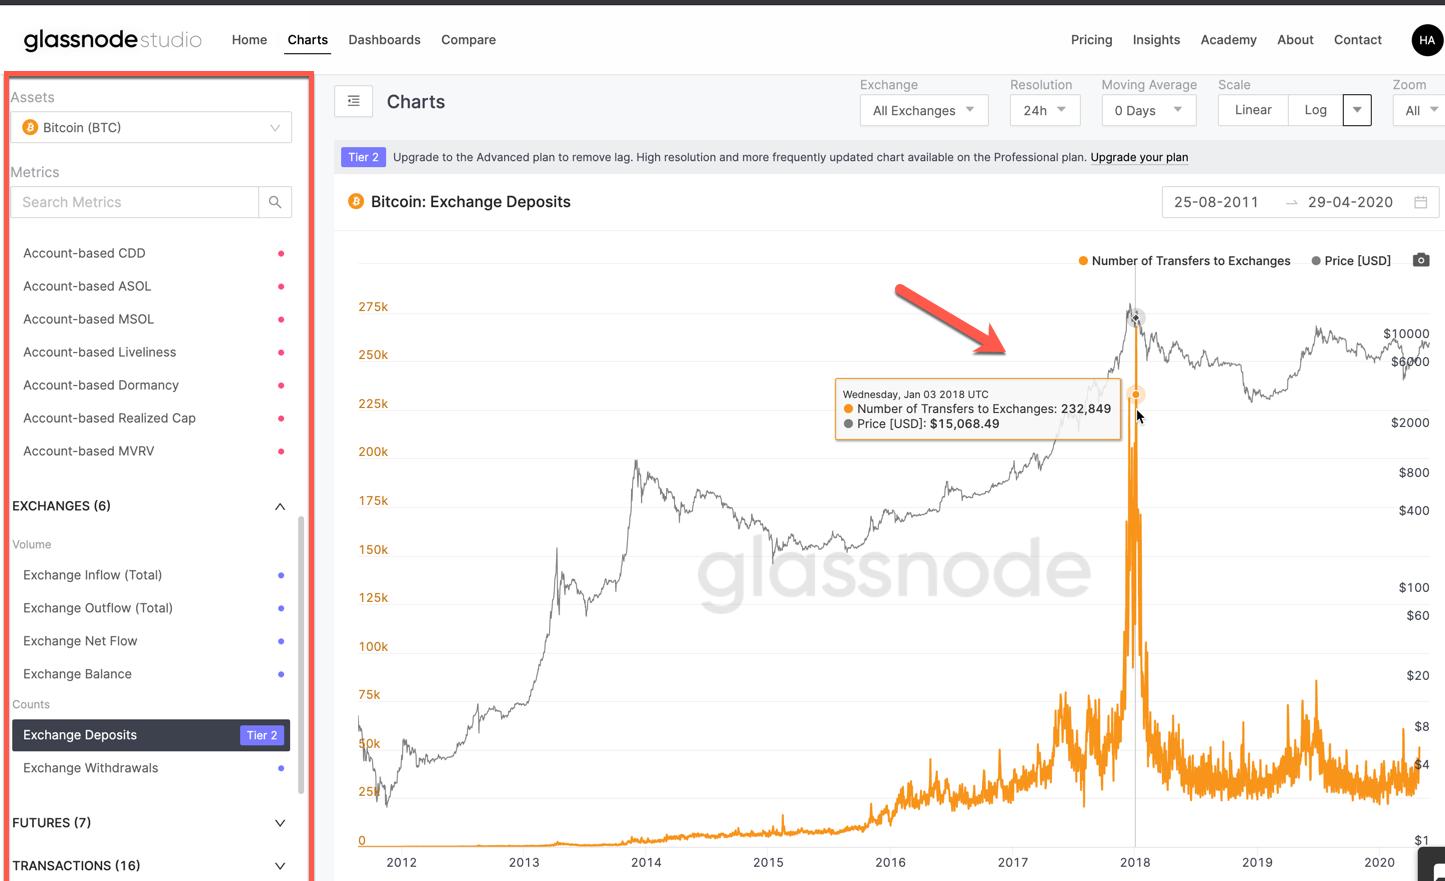 best way to analyze cryptocurrency